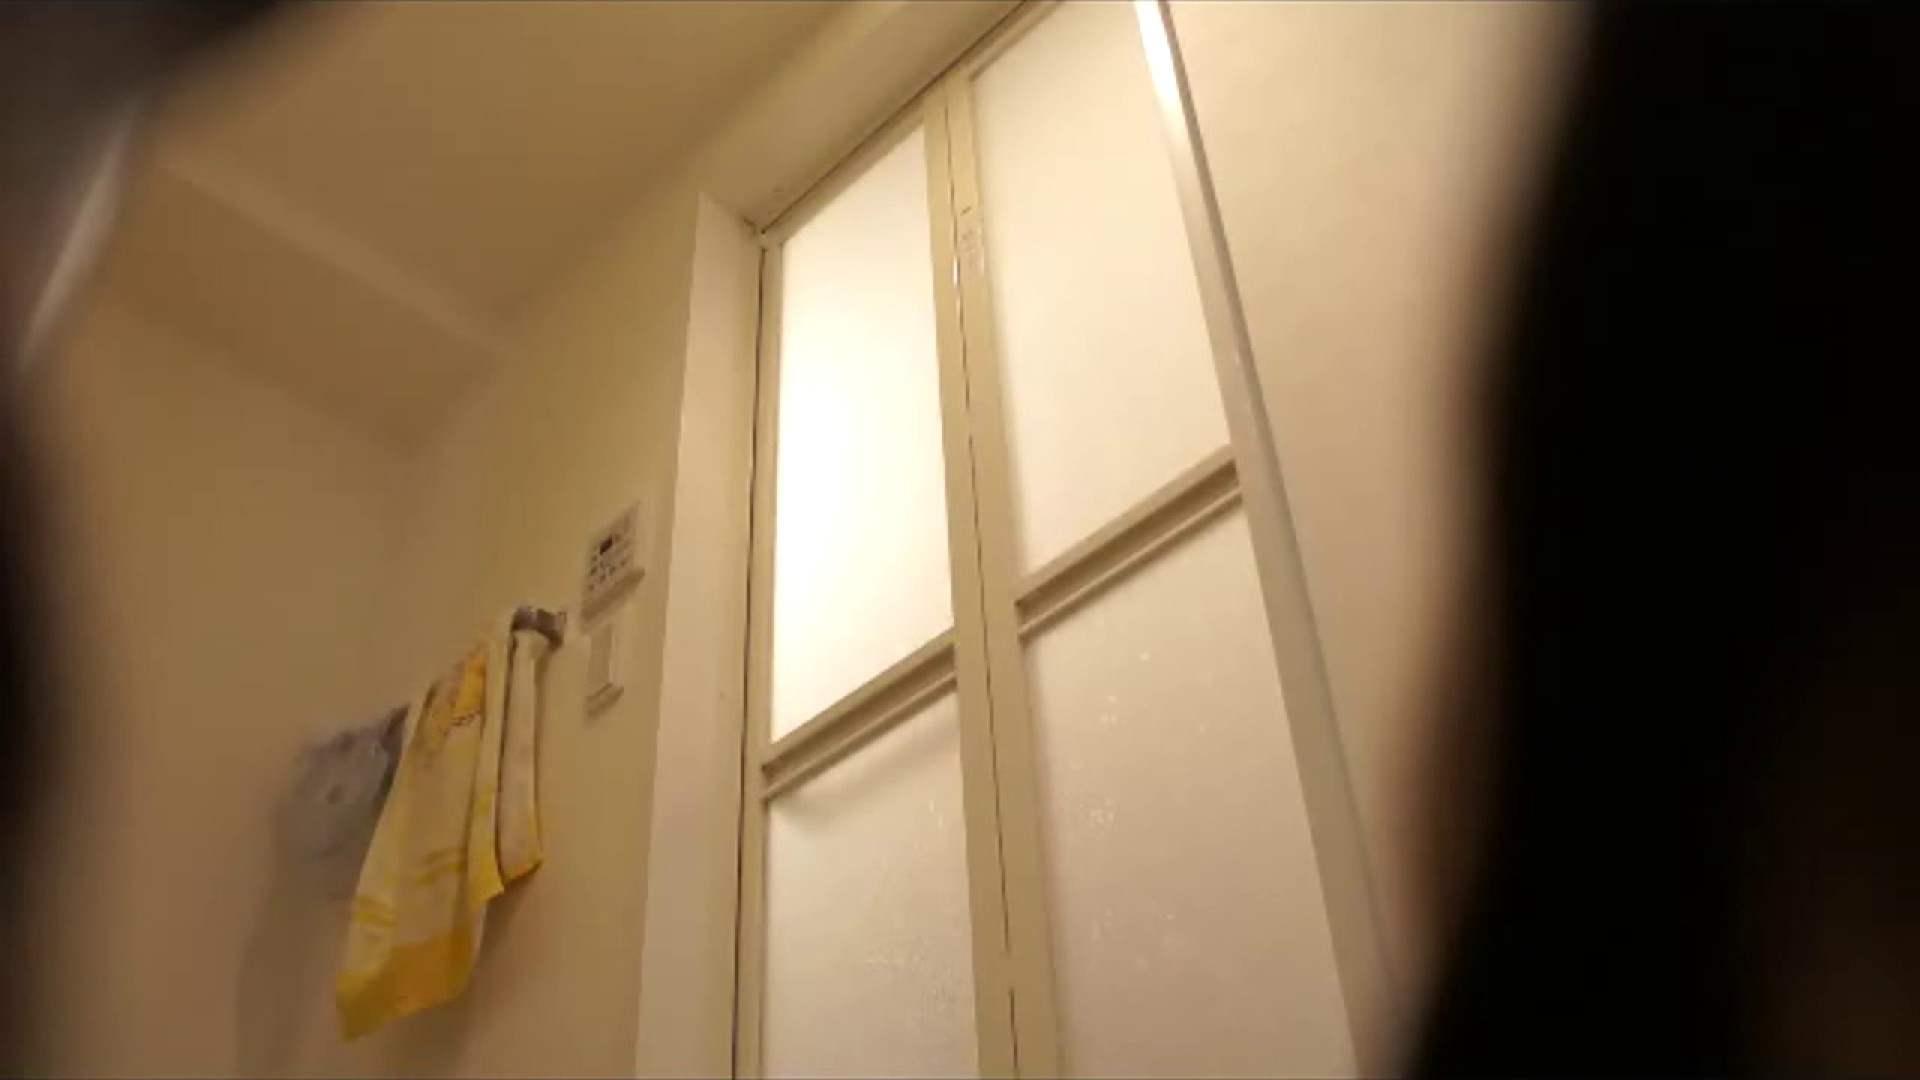 vol.16 レイカ入浴。今日は生理中のようです。 民家 エロ無料画像 64画像 34